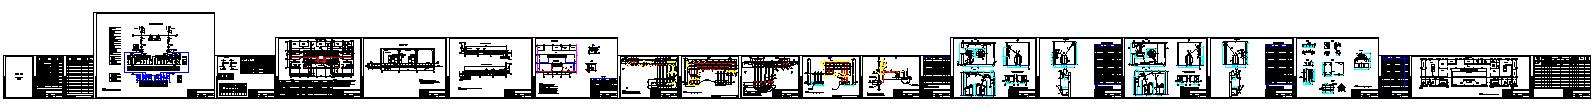 Рабочий проект реконструкции ЗРУ-10 кВ. Электротехнические решения в формате dwg